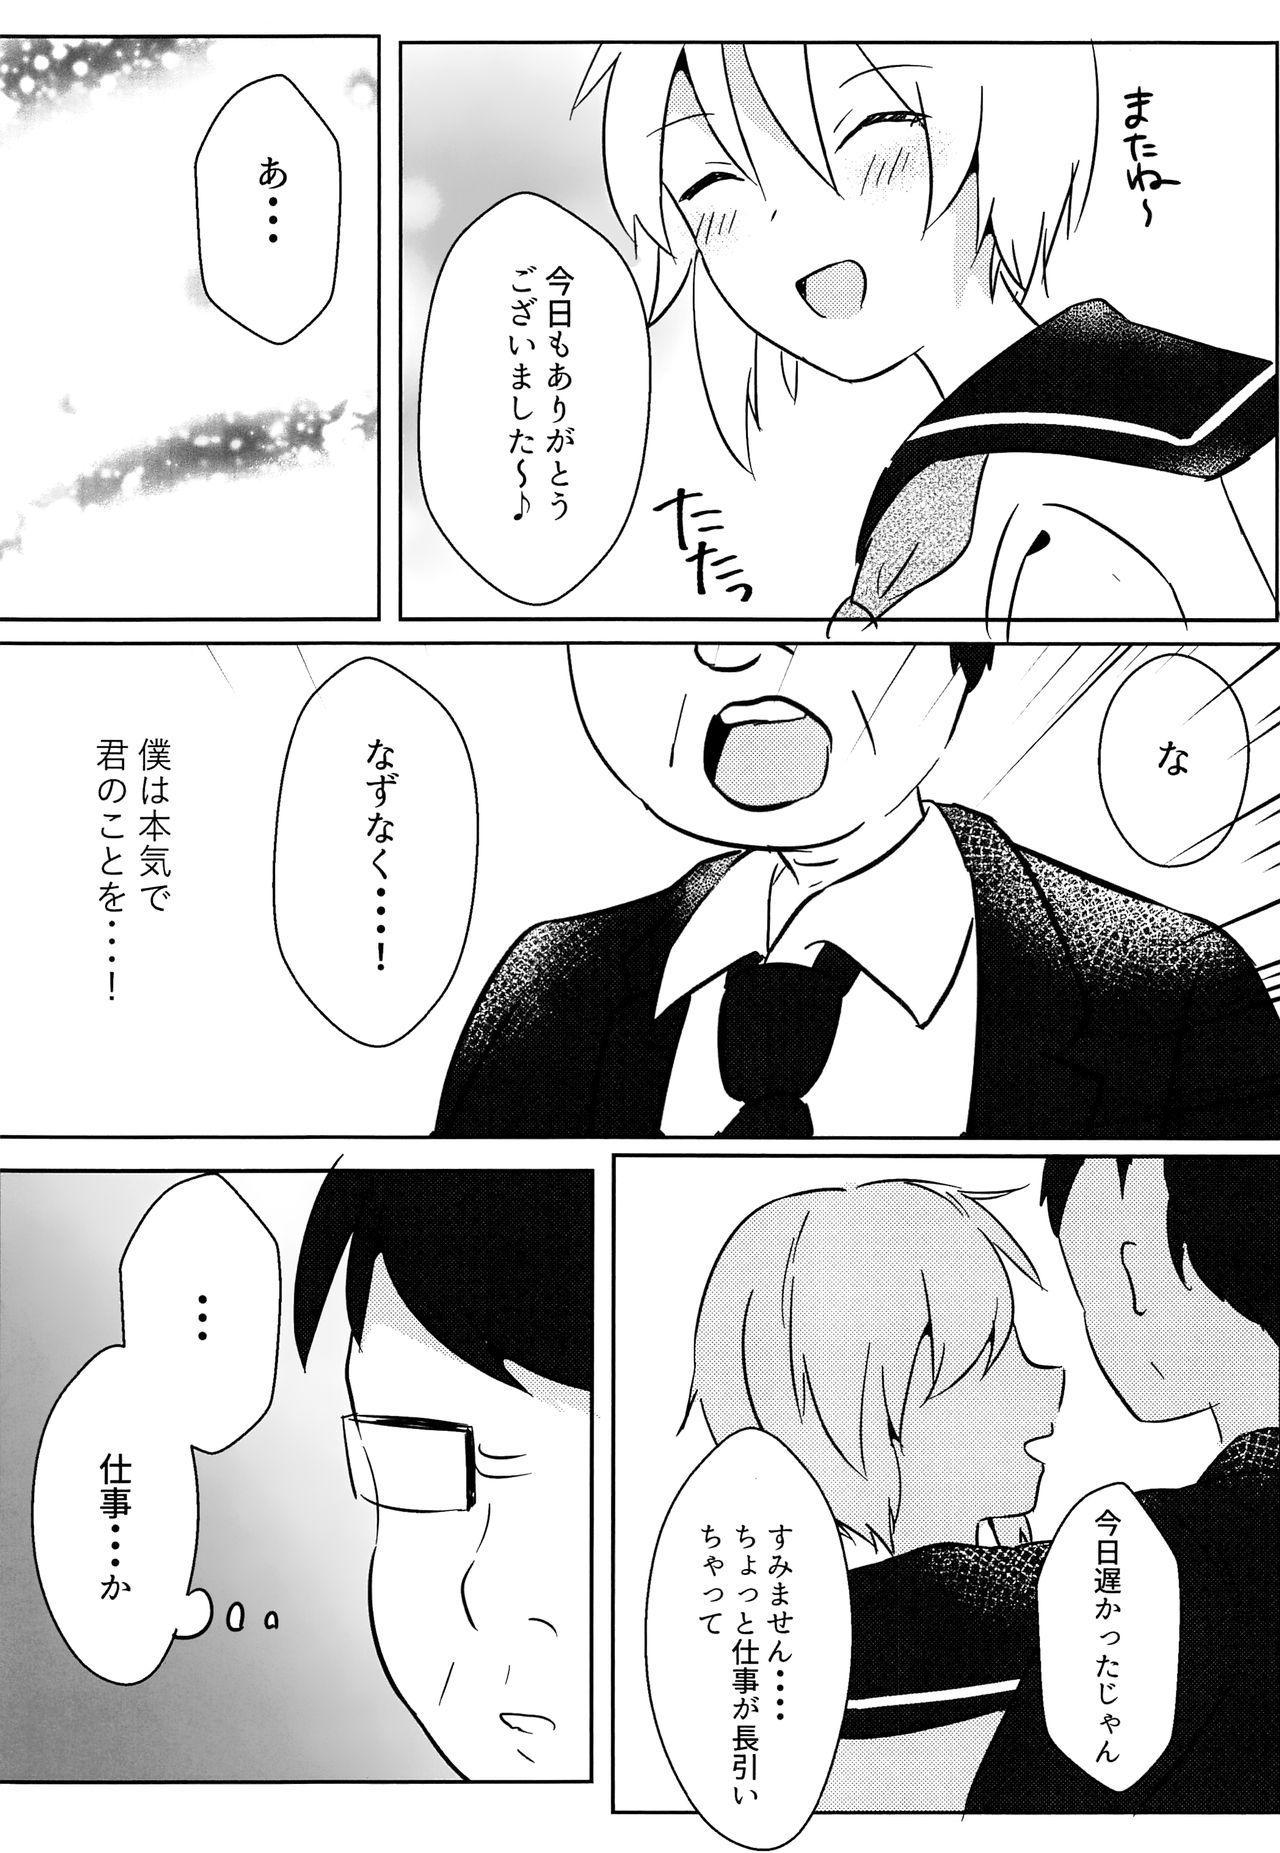 Nazuna-kun to Ecchi 22